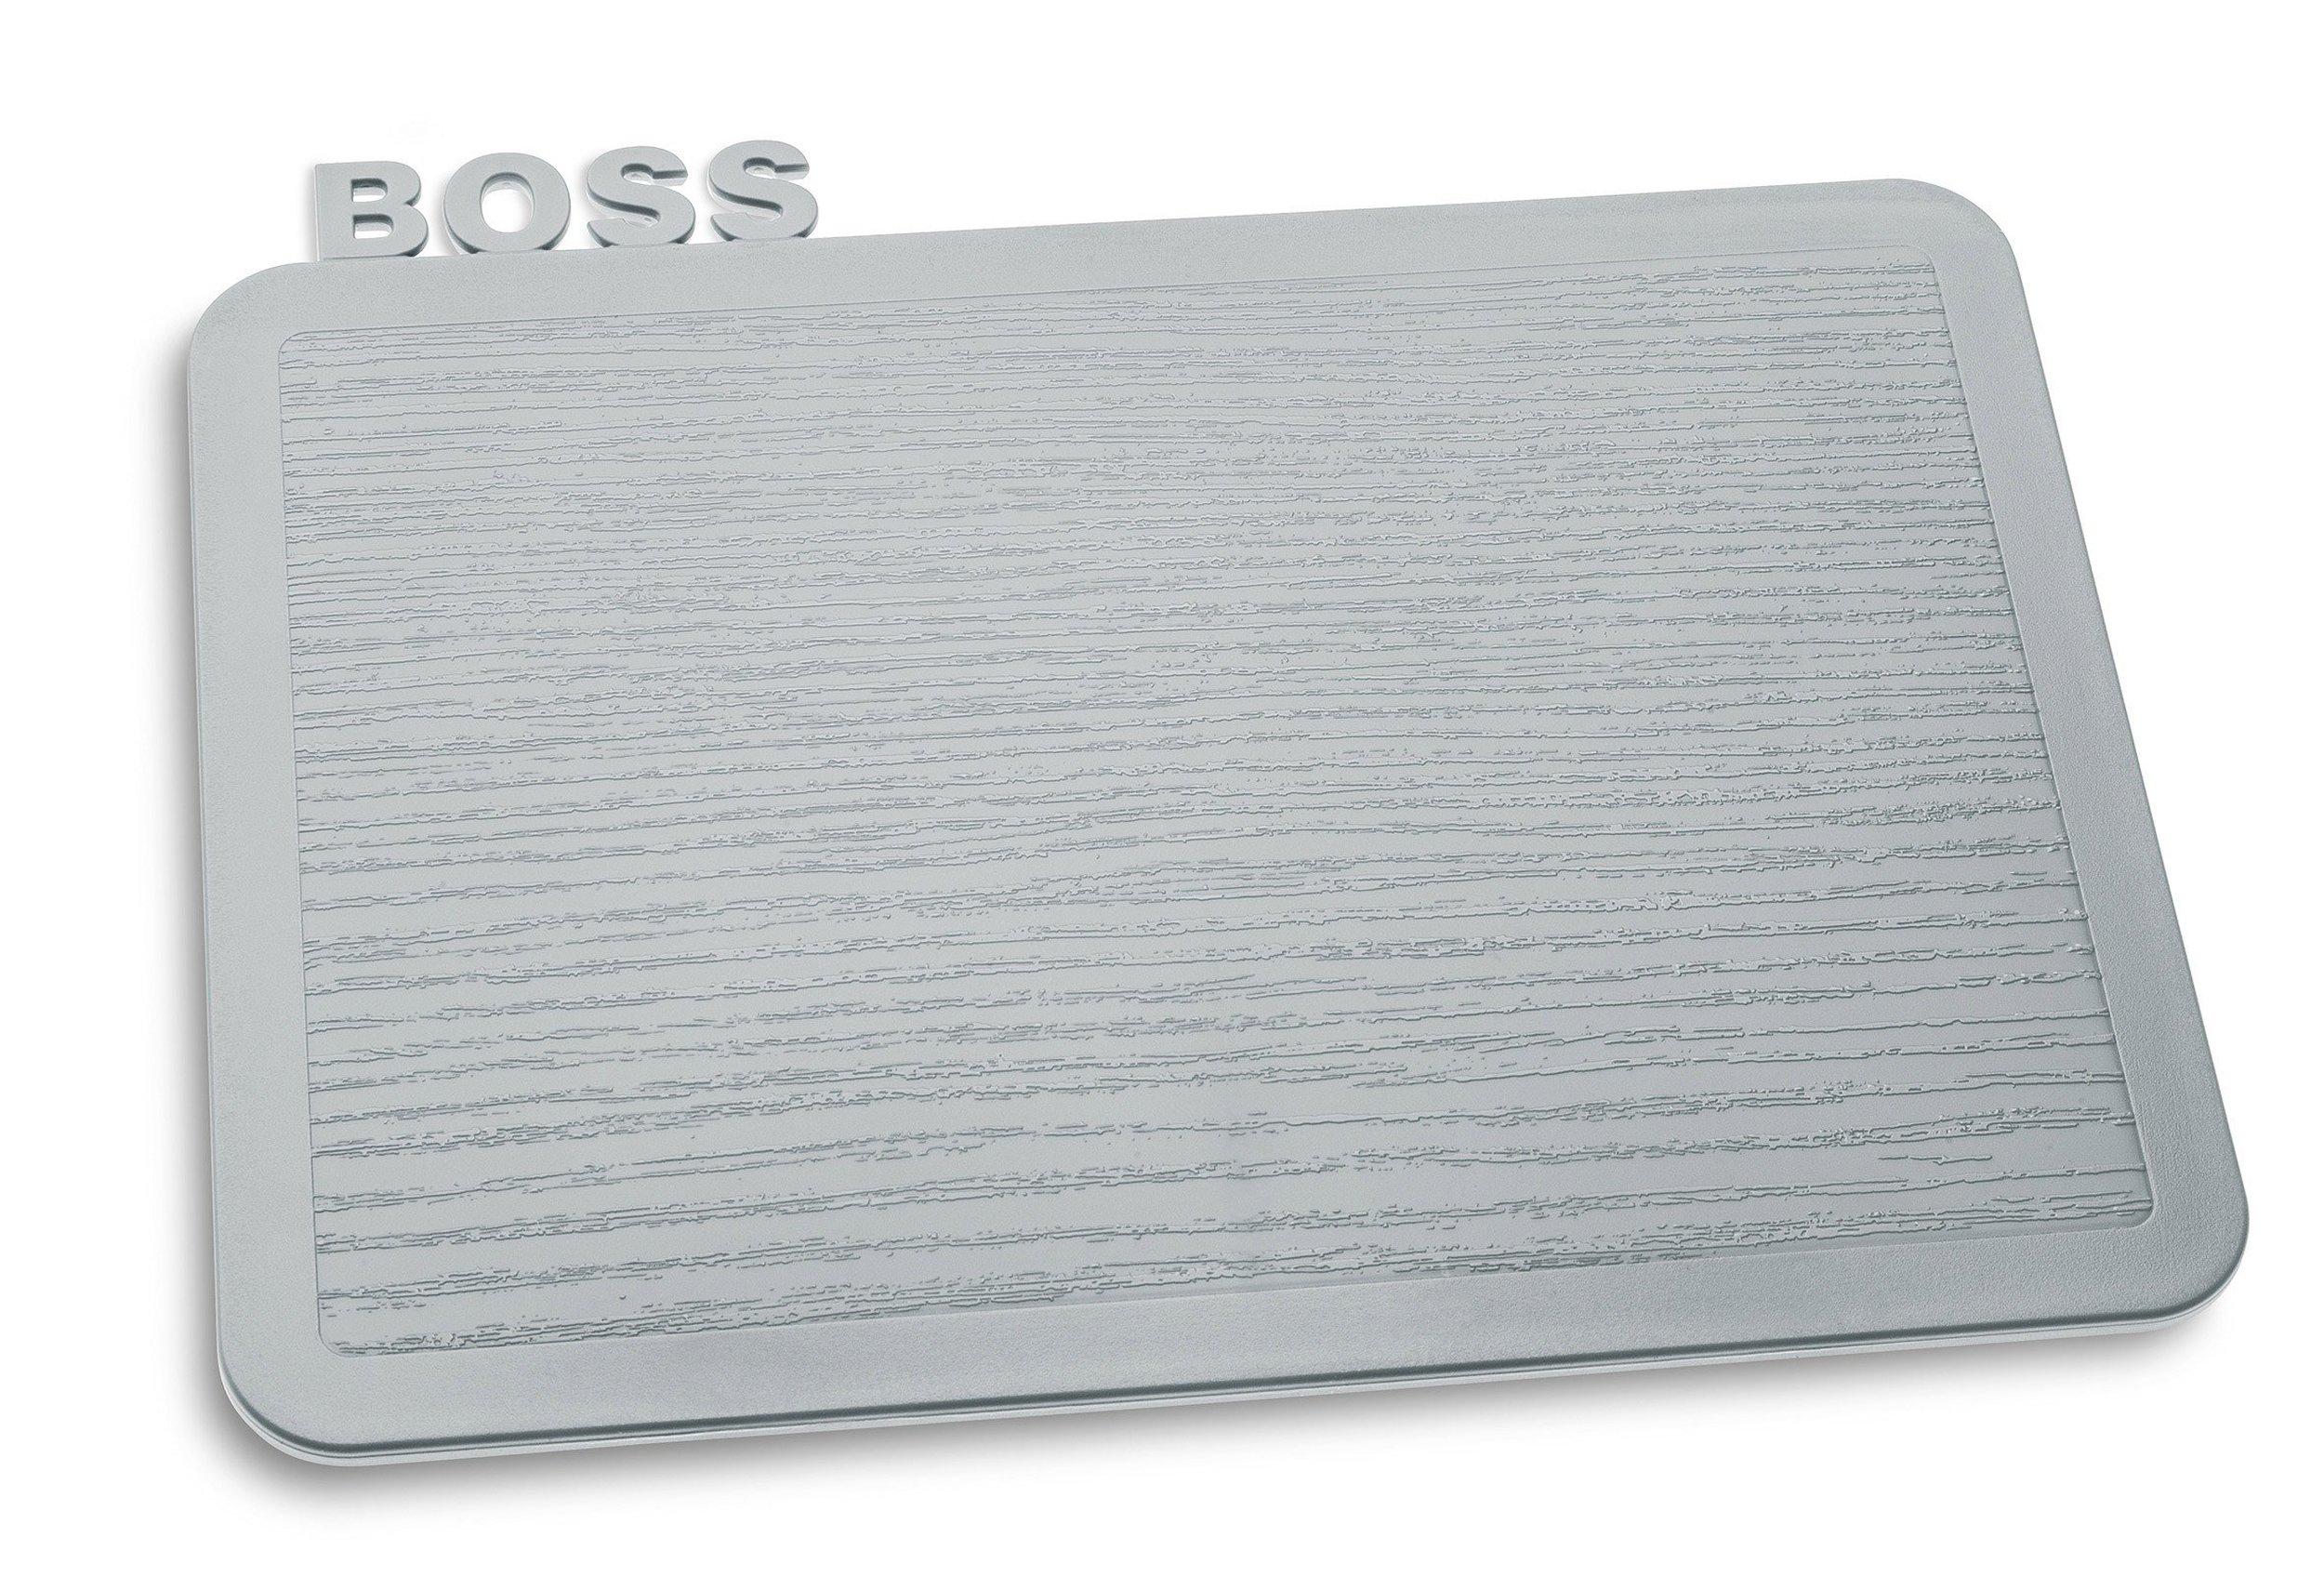 Deska śniadaniowa Happy Boards Boss szara